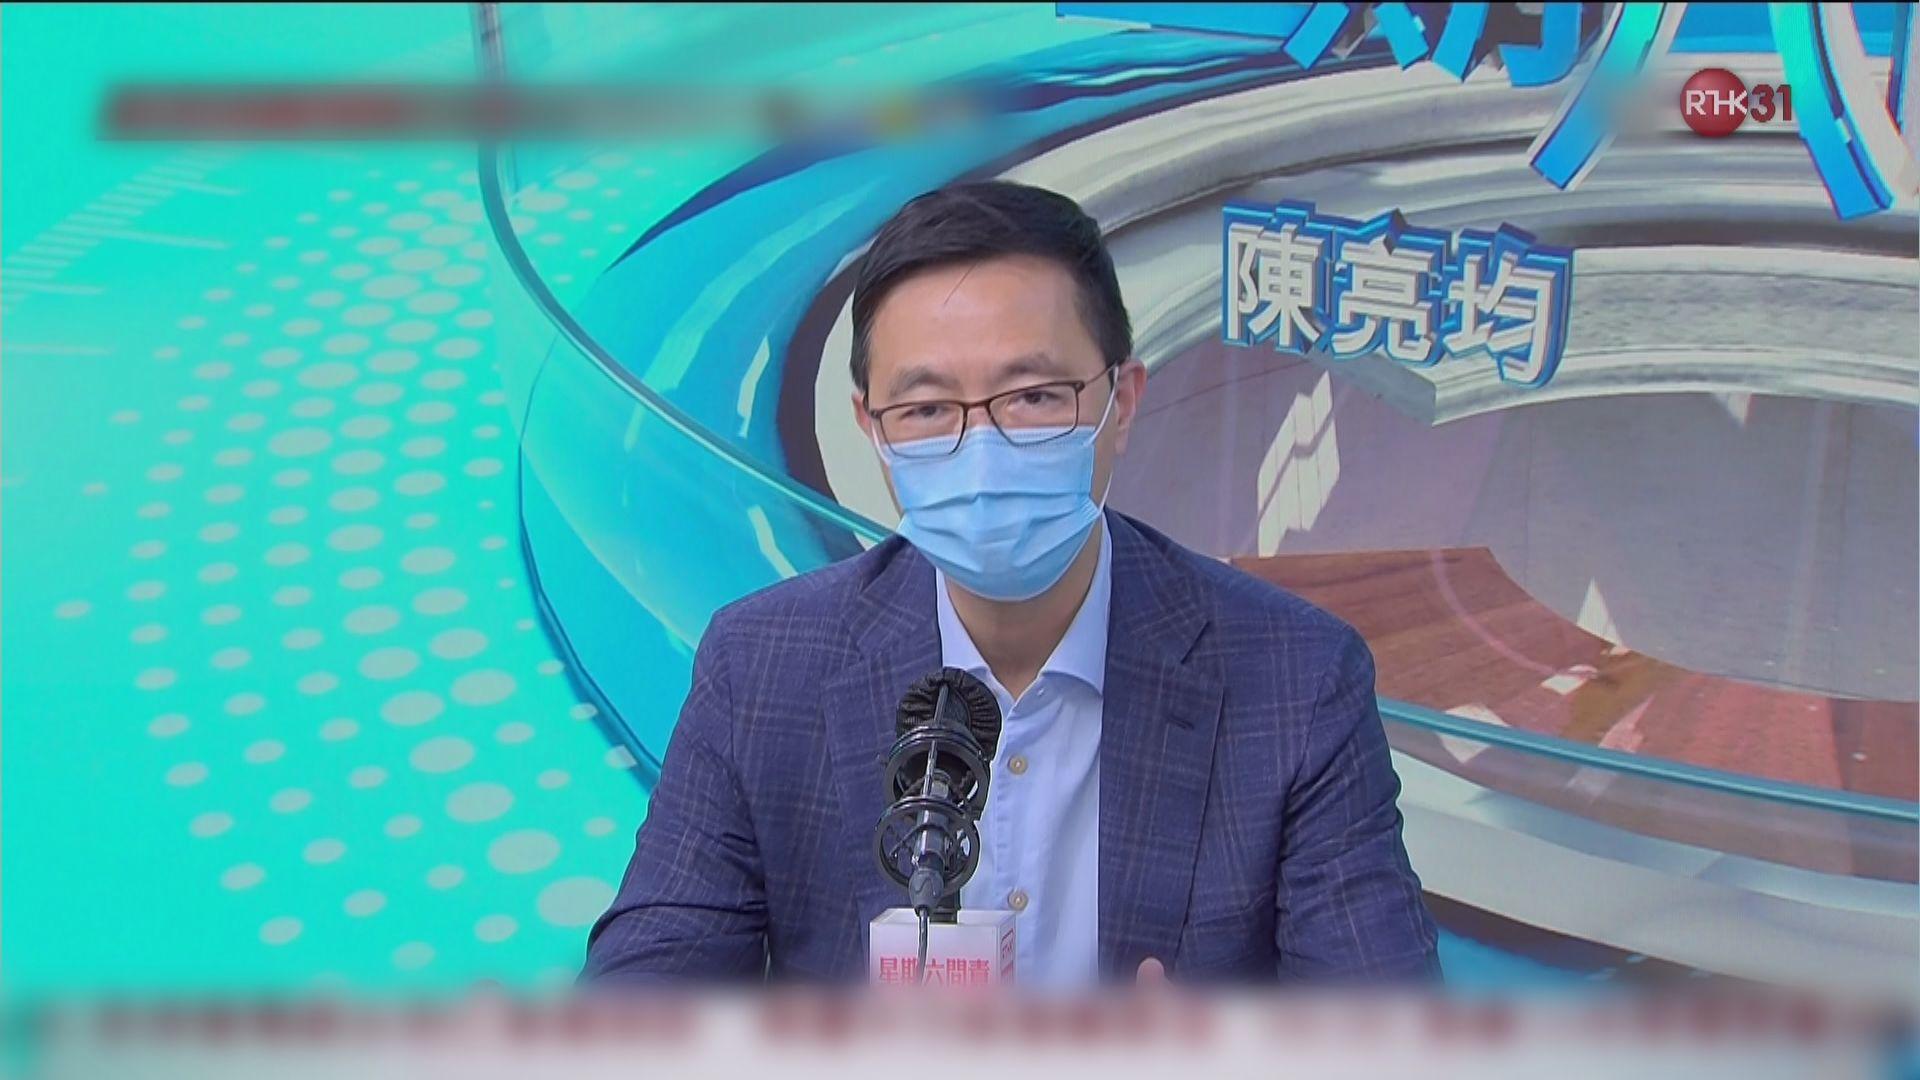 楊潤雄:公社科涉國家內容不應二元化分國家好與壞